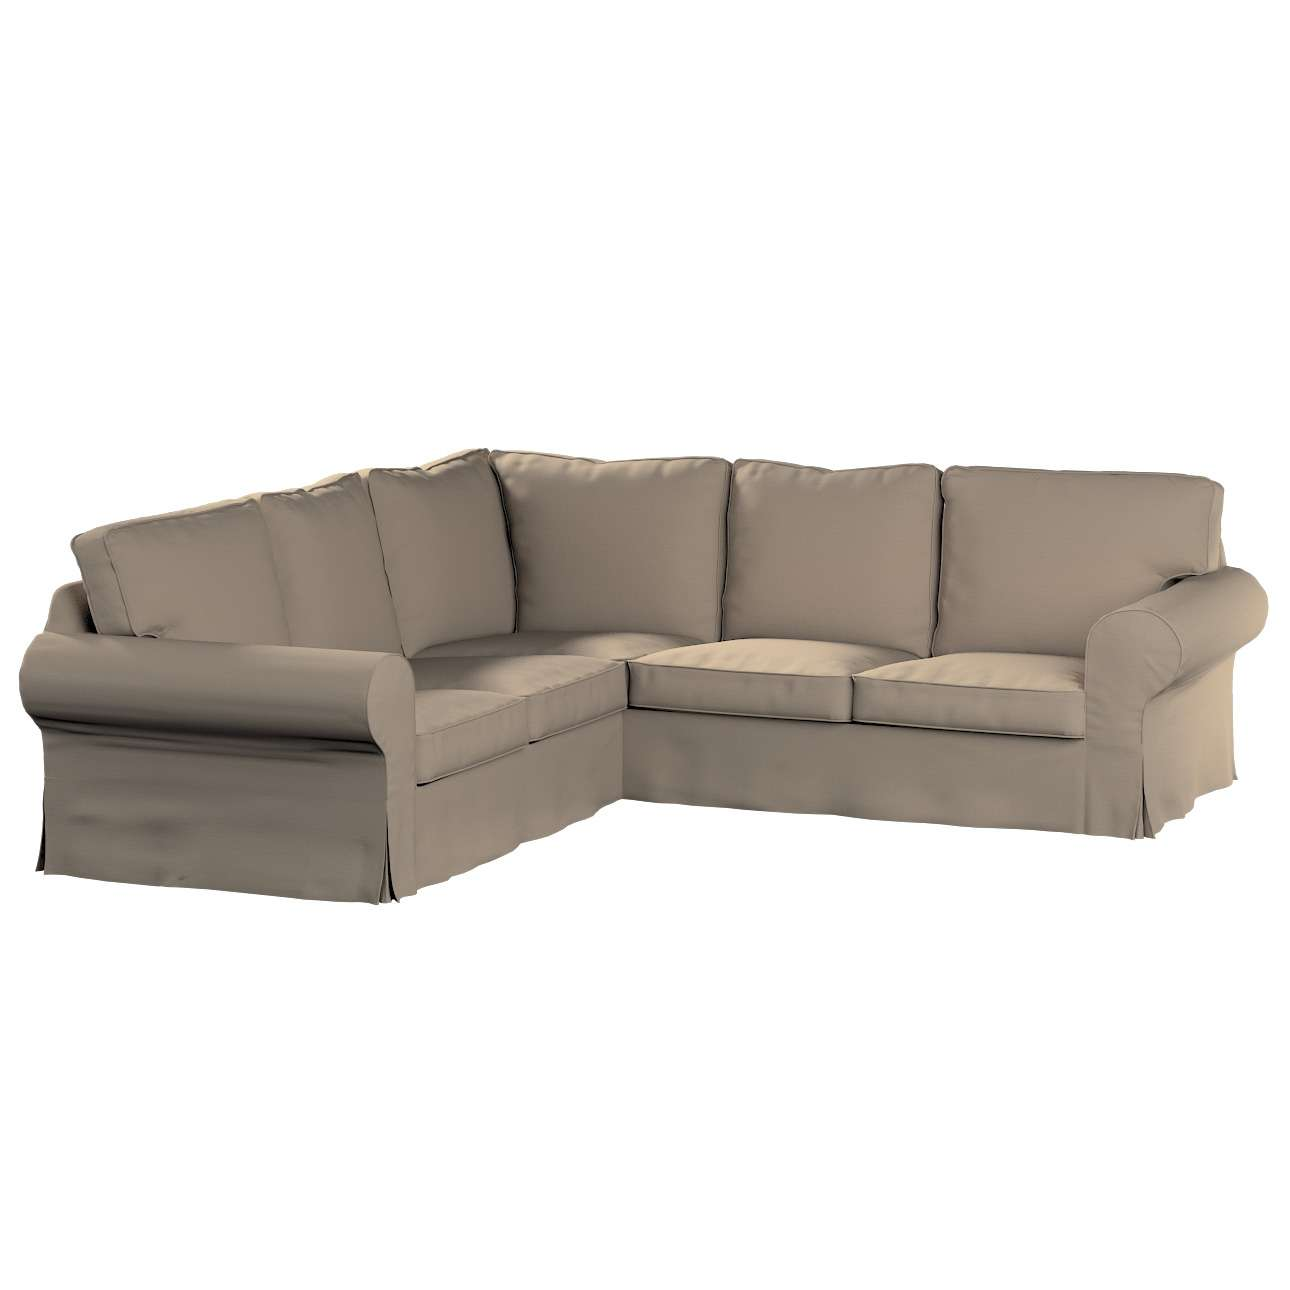 Ektorp kampinė sofa Ektorp kampinė sofa kolekcijoje Cotton Panama, audinys: 702-28